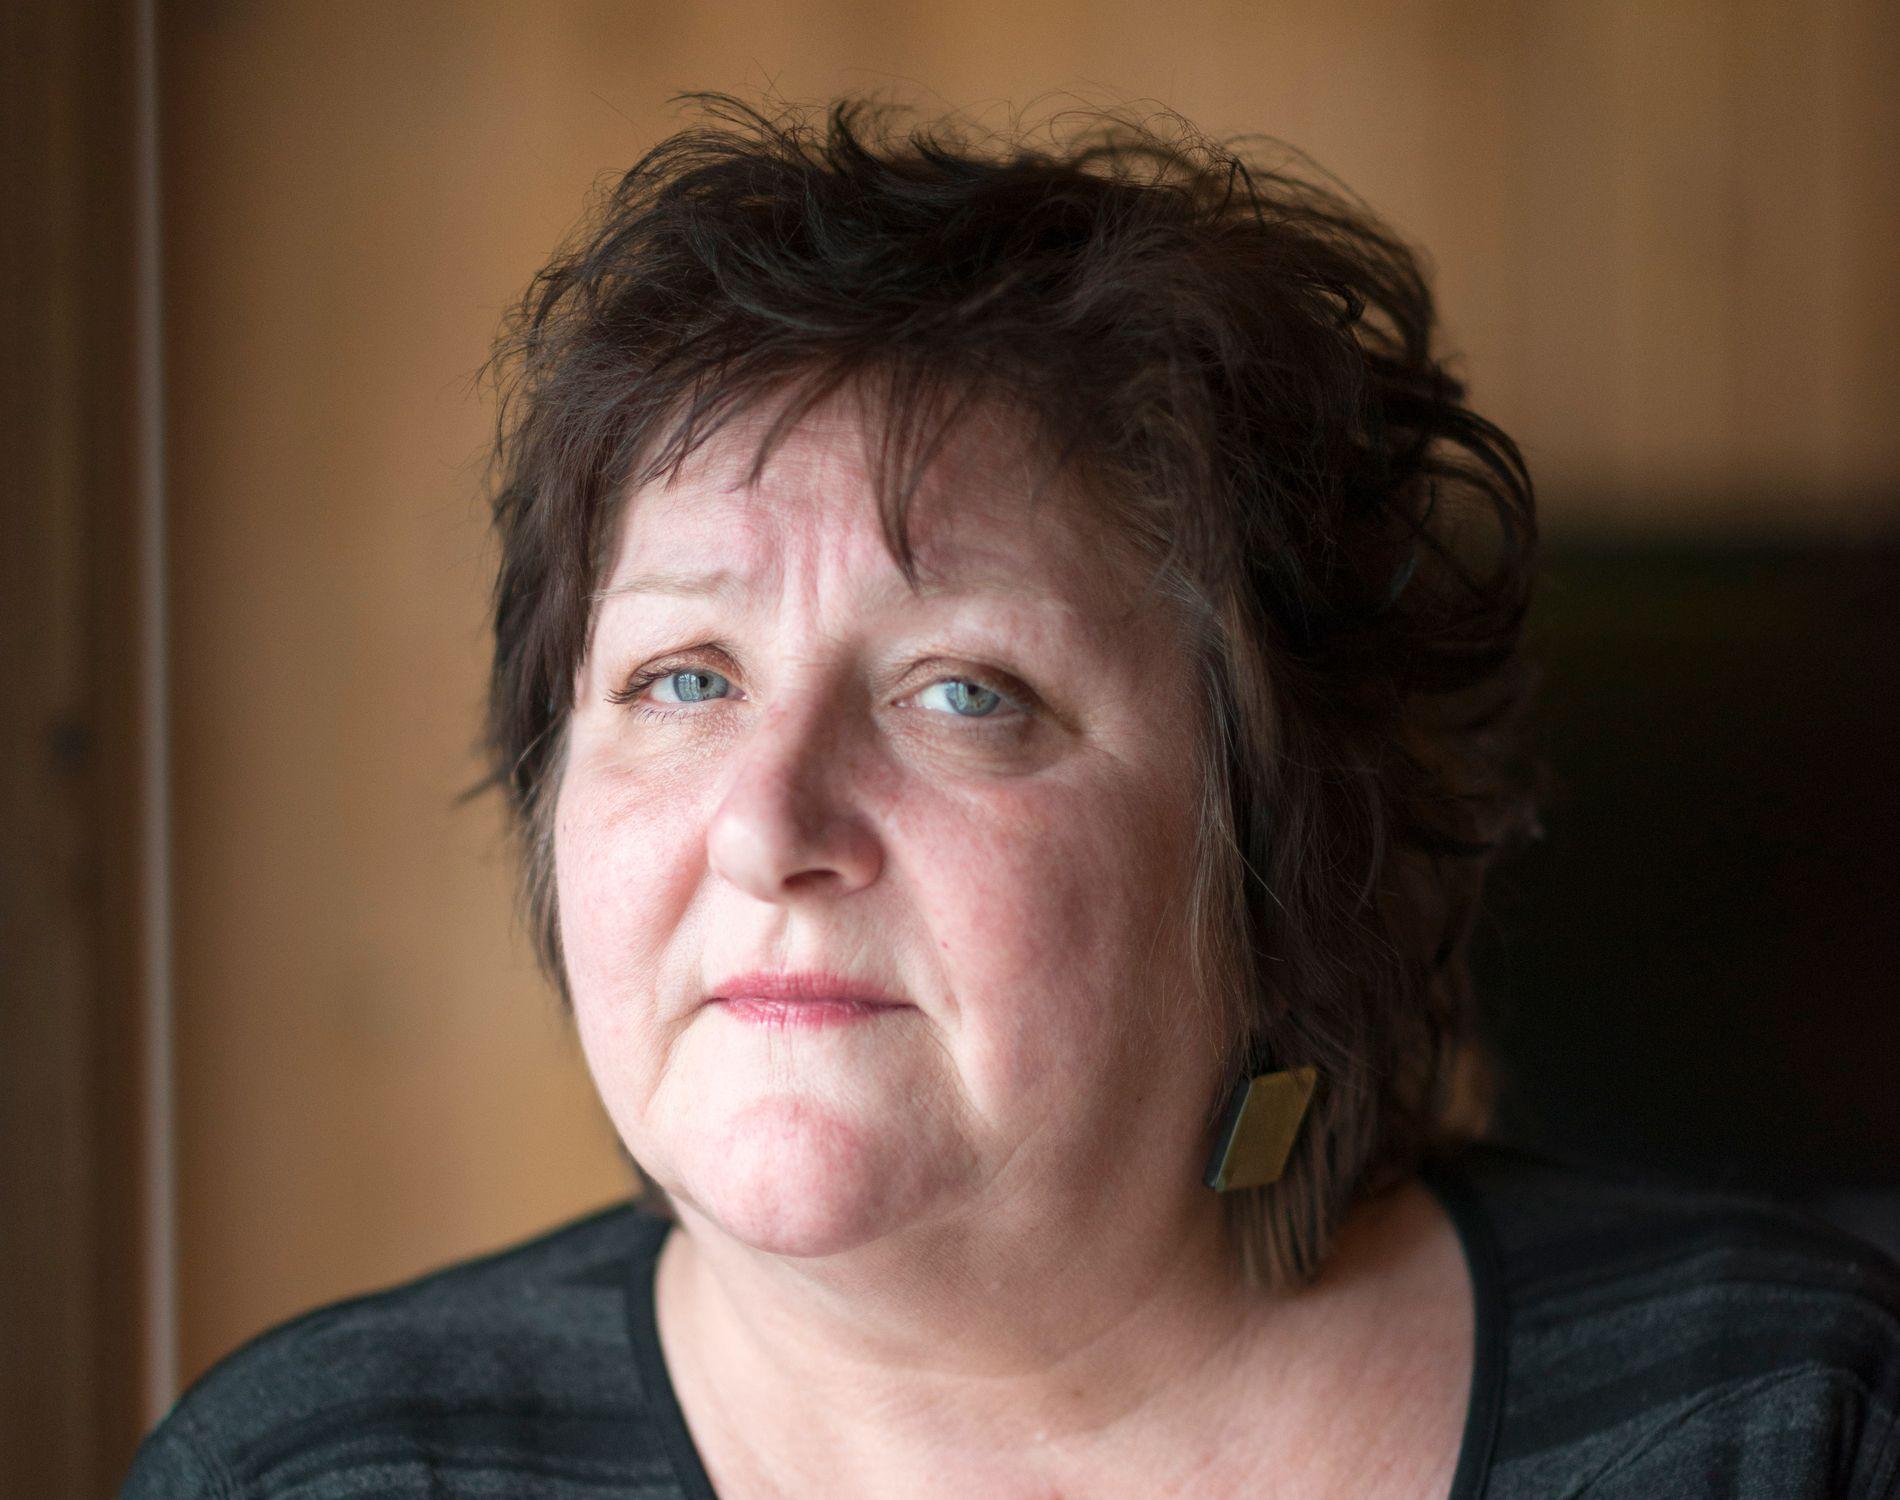 Nære venner: Anne B. Ragde sier hun vil savne Jon Michelet både som venn og kollega.